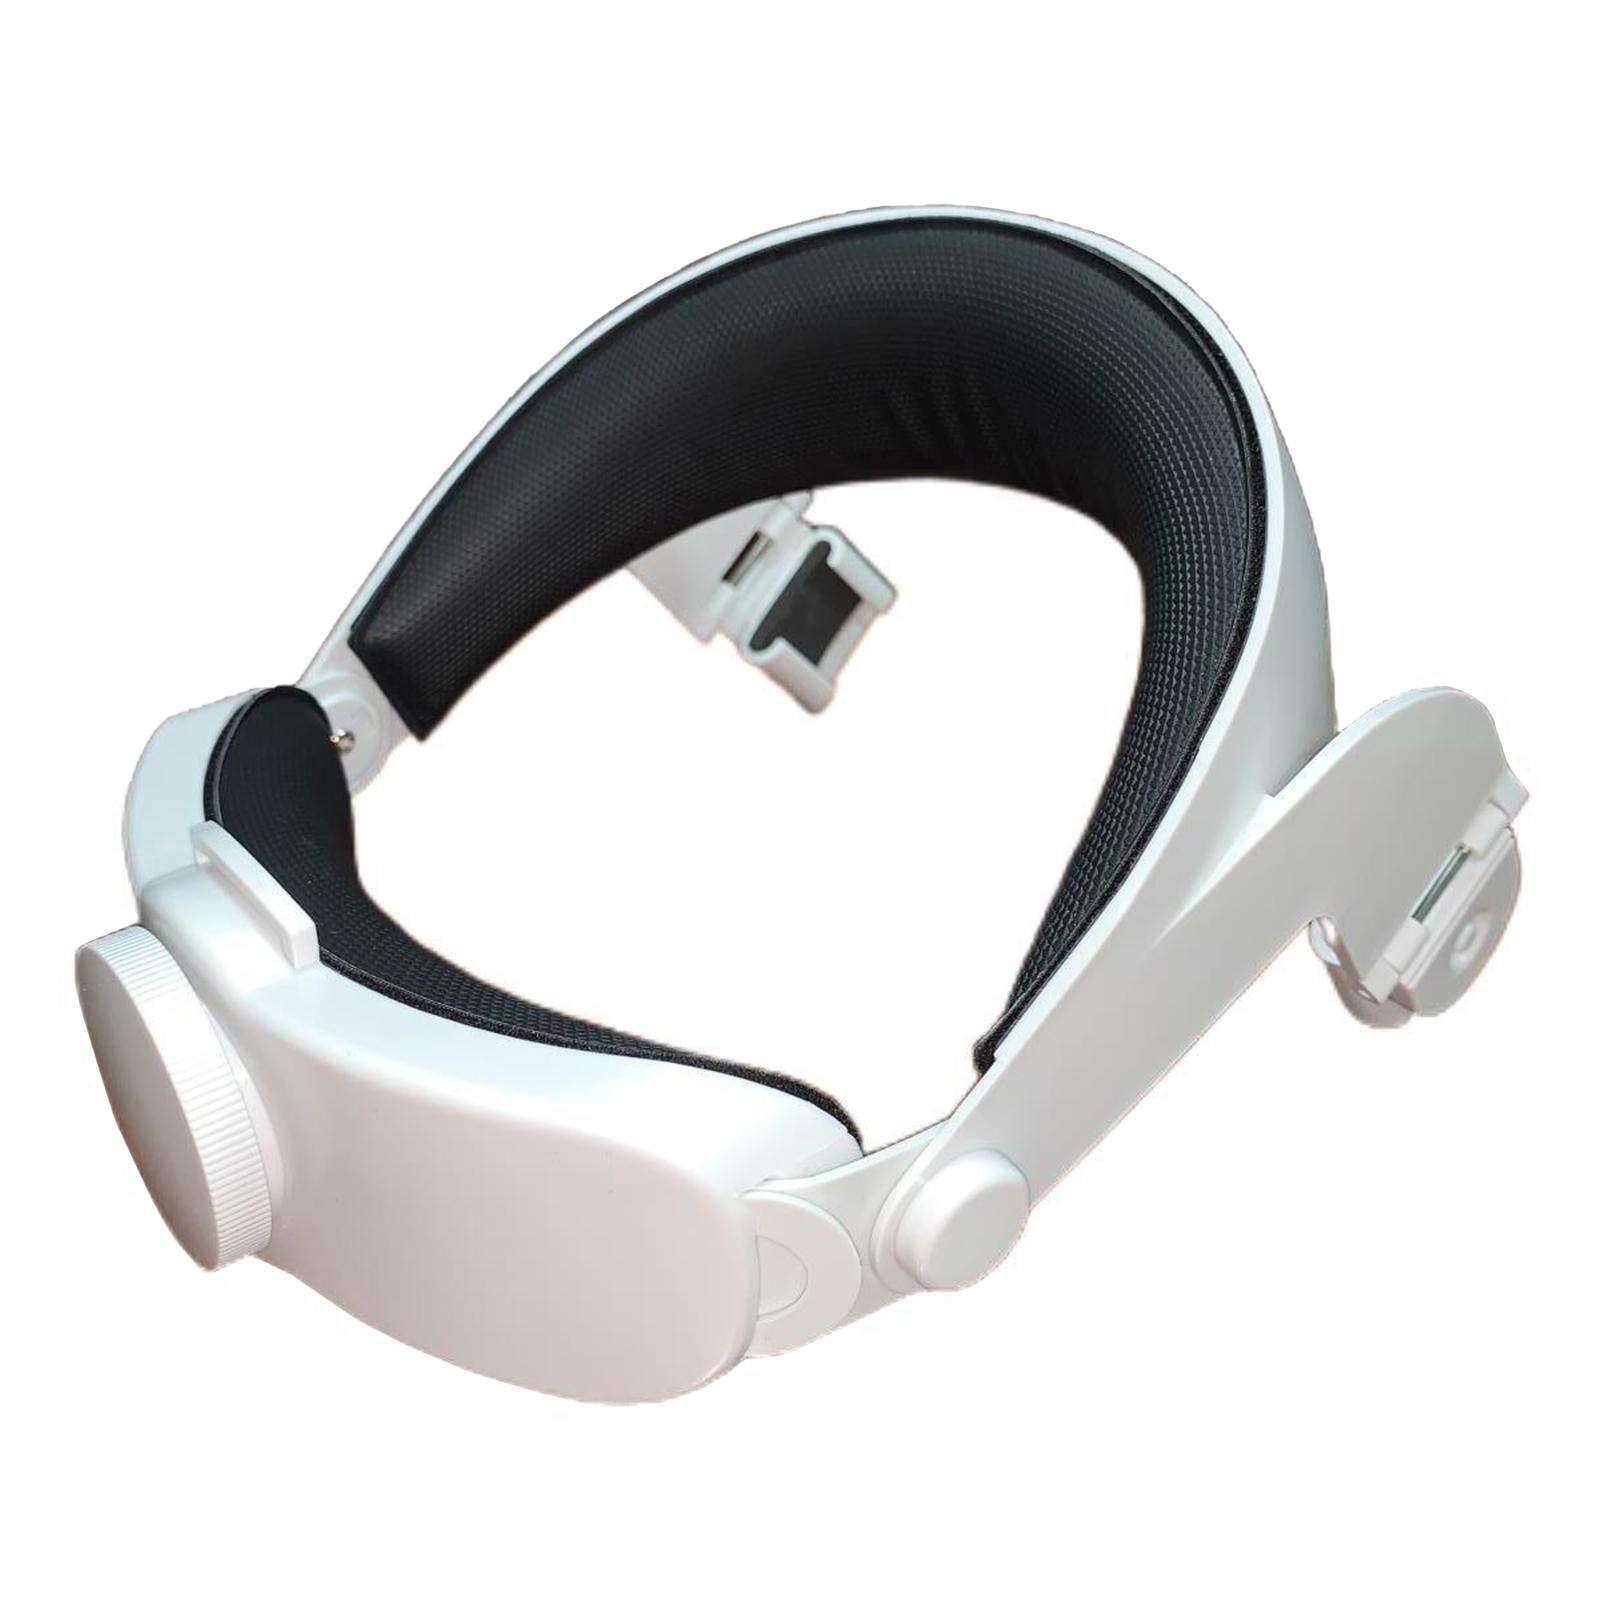 حزام رأس حزام النخبة قابل للتعديل مع وسادة رأس يناسب Oculus Quest 2، سهل التركيب والإزالة